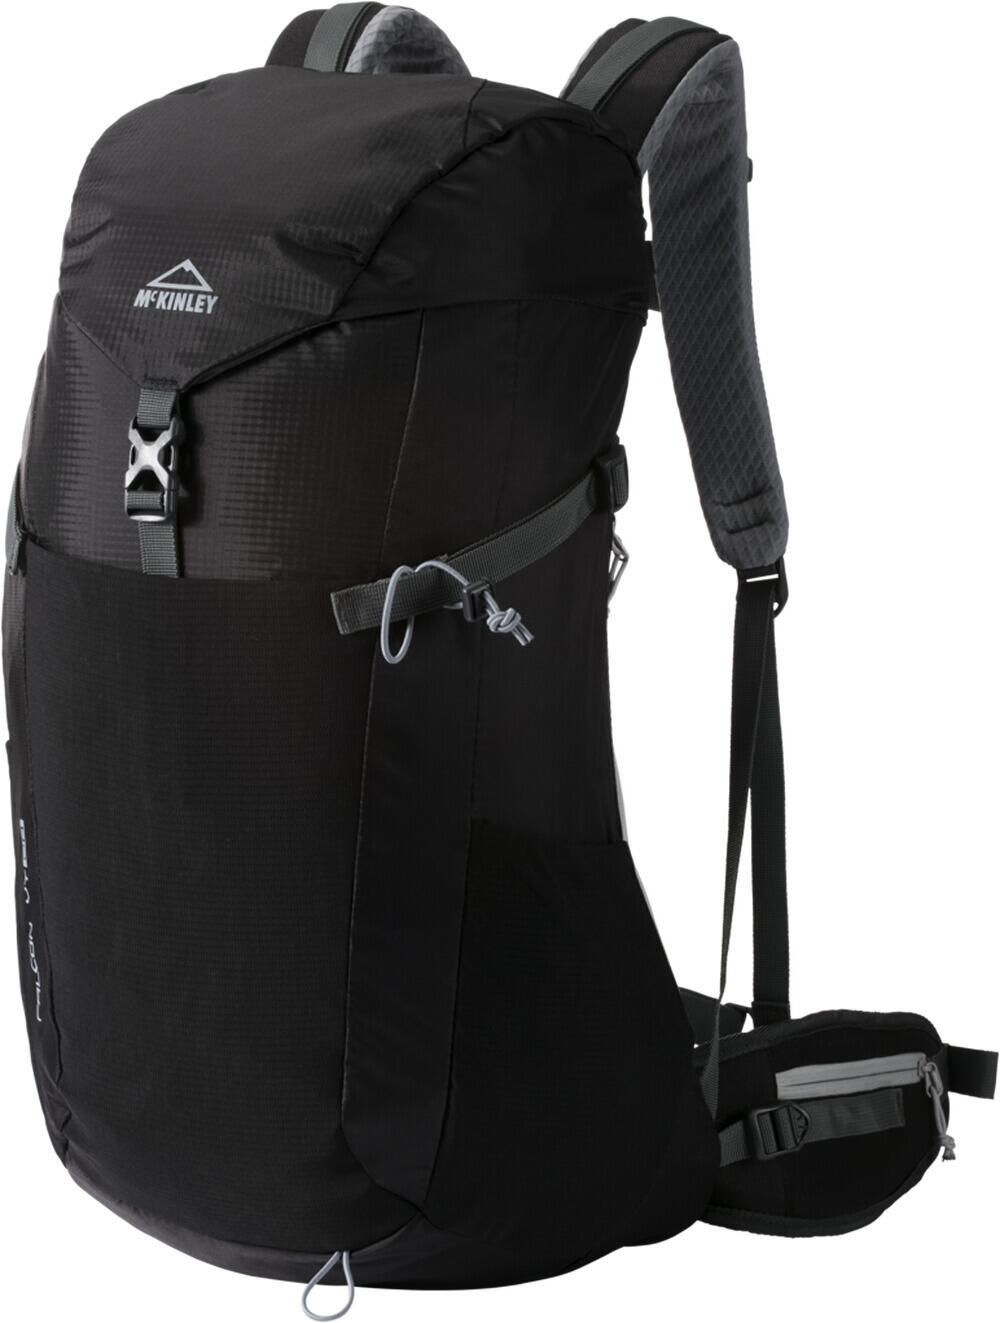 mckinley-falcon-vt-28-ii-rucksack-farbe-901-schwarz-dunkelgrau-